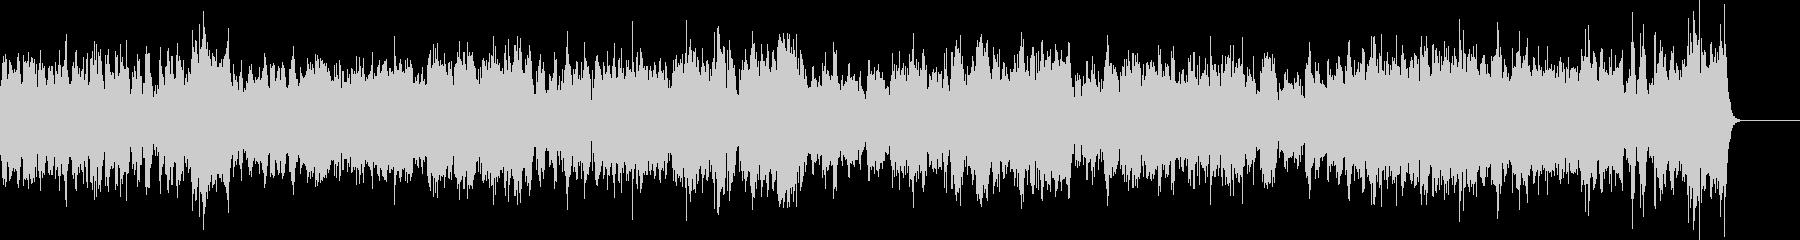 ピアノ2台の豪華な曲・3楽章(バッハ)の未再生の波形